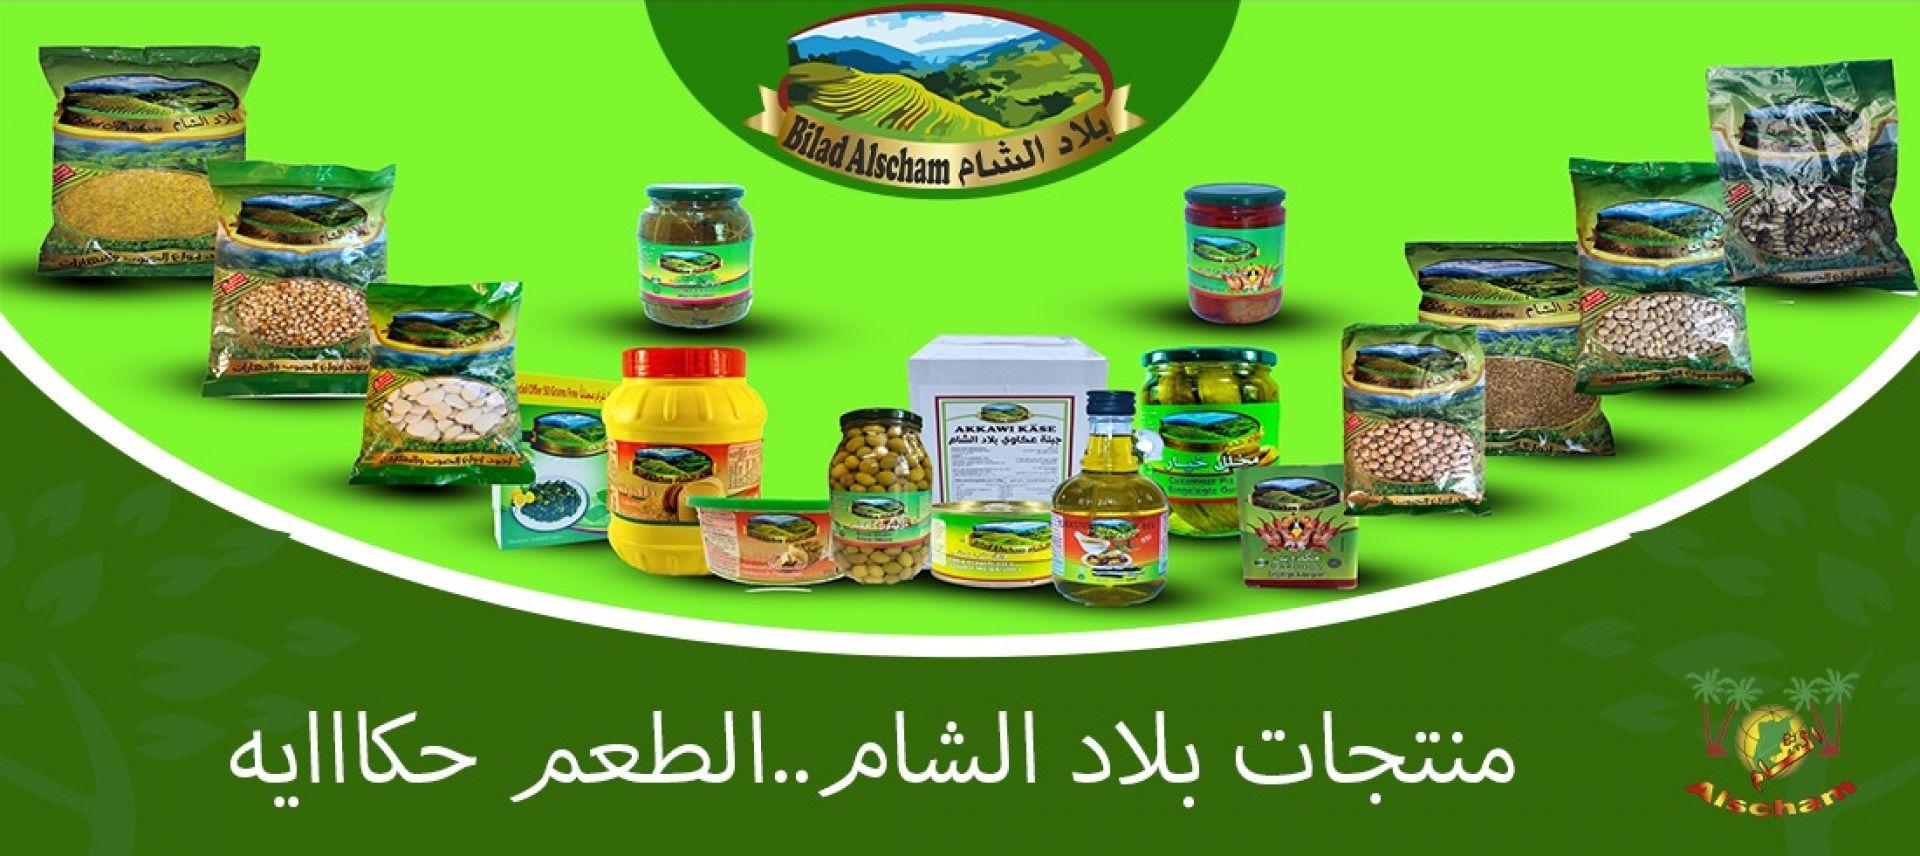 منتجات الشام